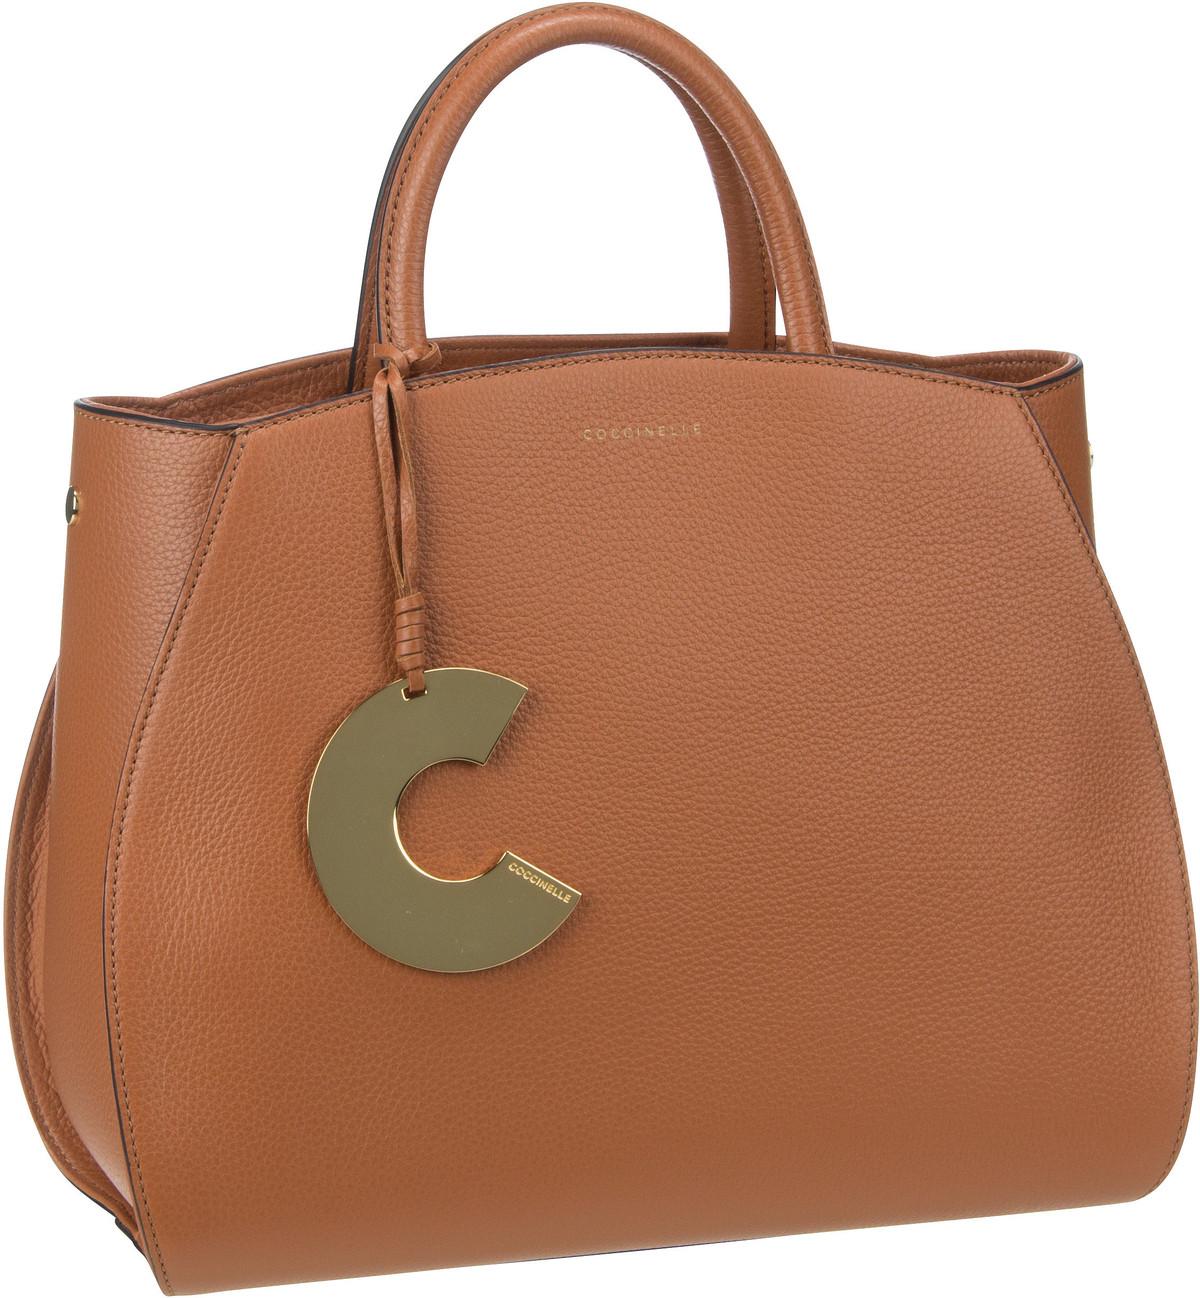 Handtasche Concrete 1801 Tan